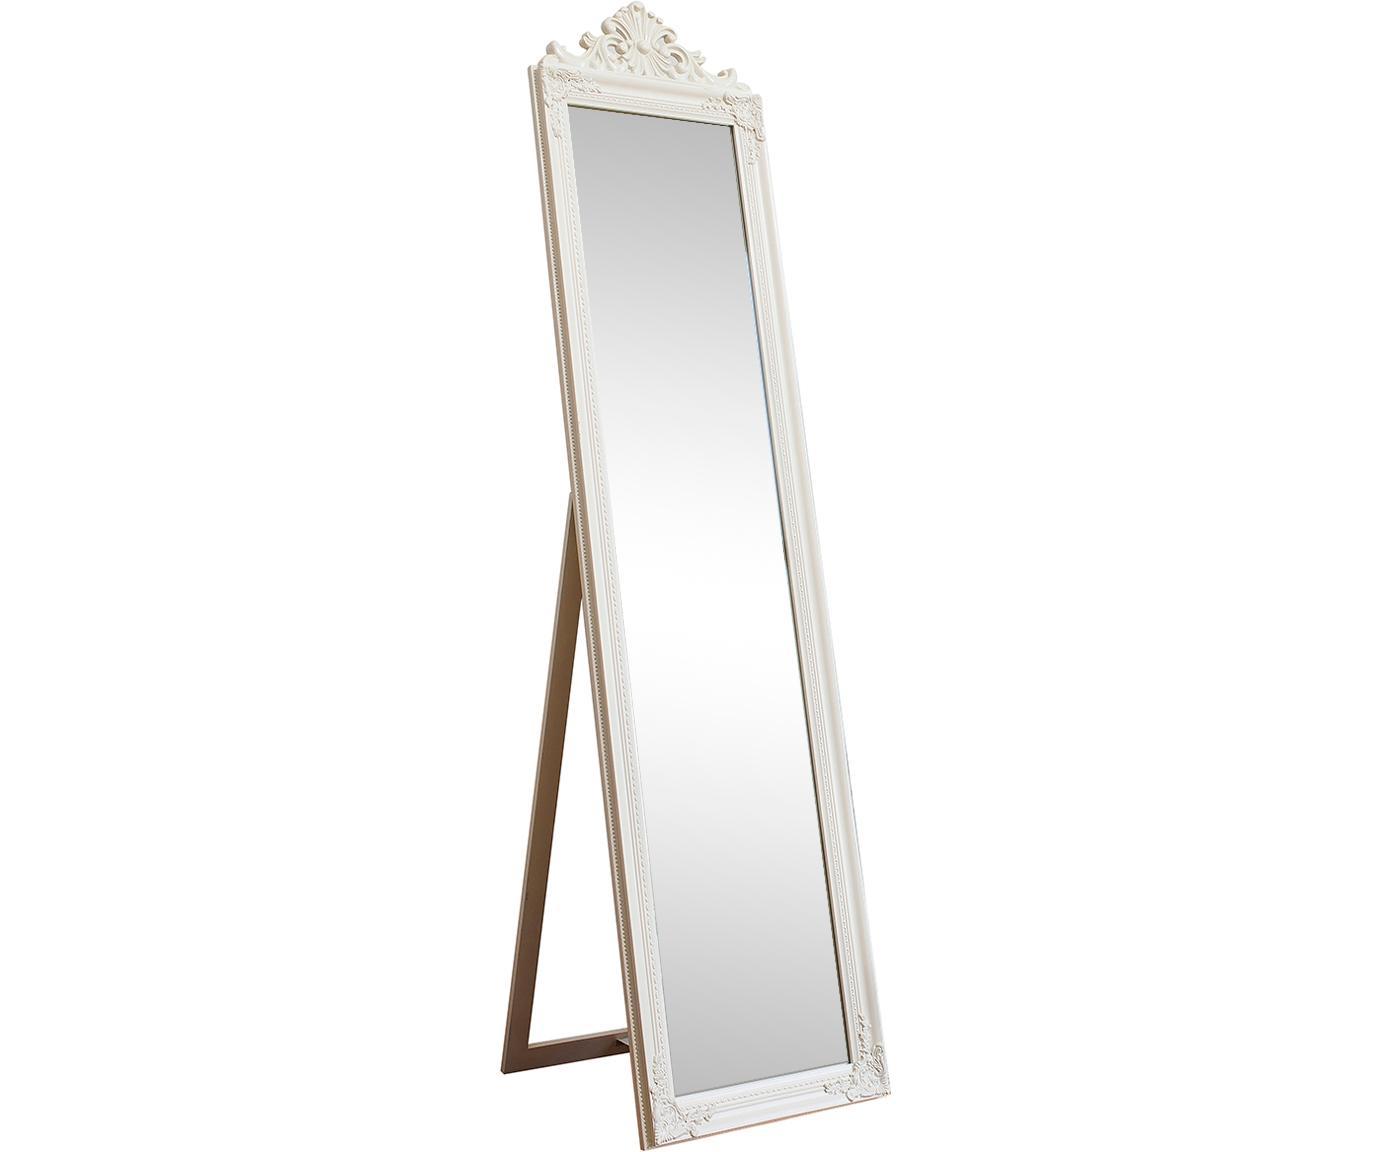 Vloerspiegel Lambeth met houten lijst, Lijst: paulowniahout, gelakt pol, Wit, 46 x 179 cm